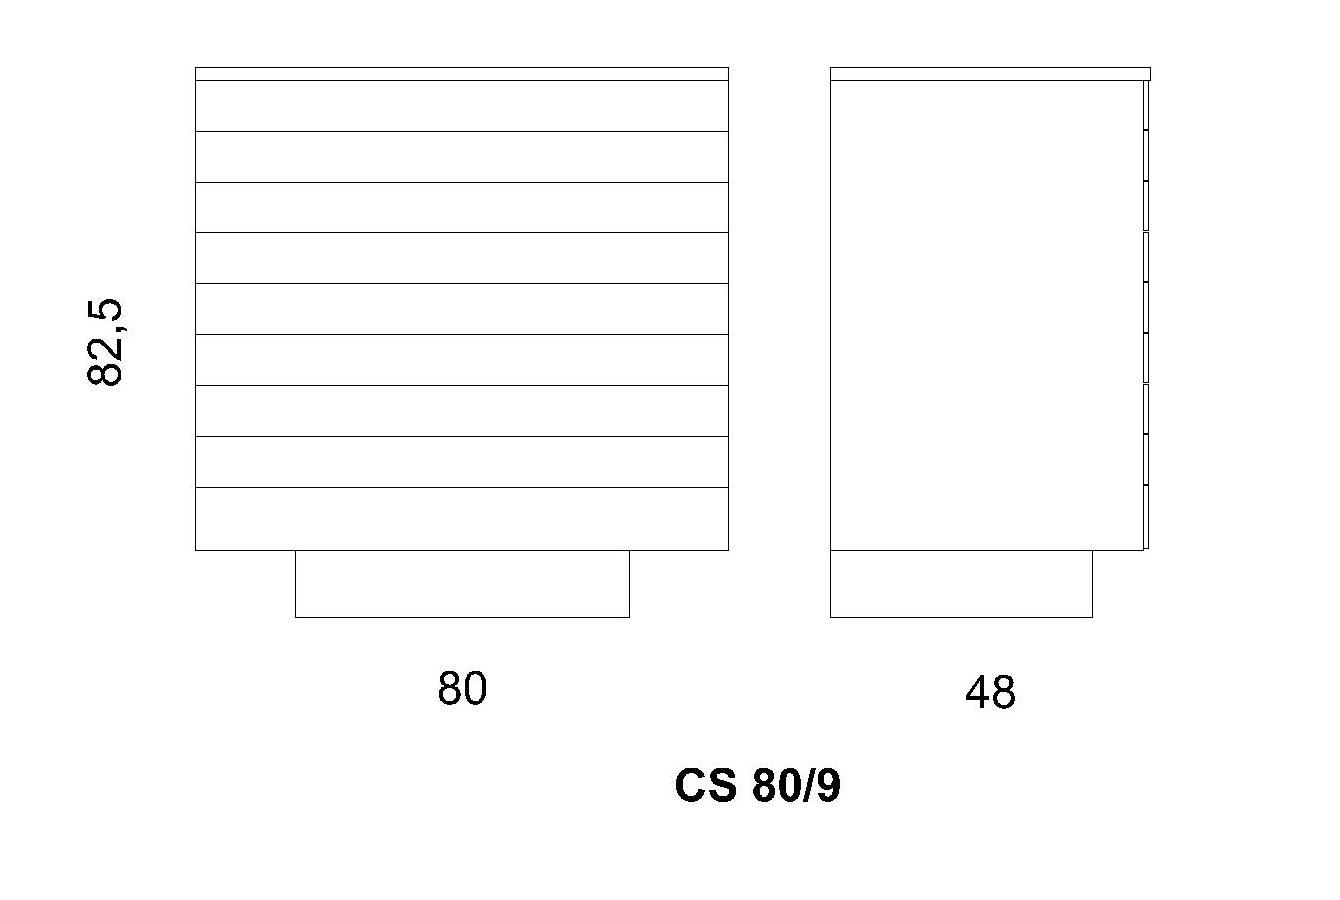 Cassettiera CS 80/9